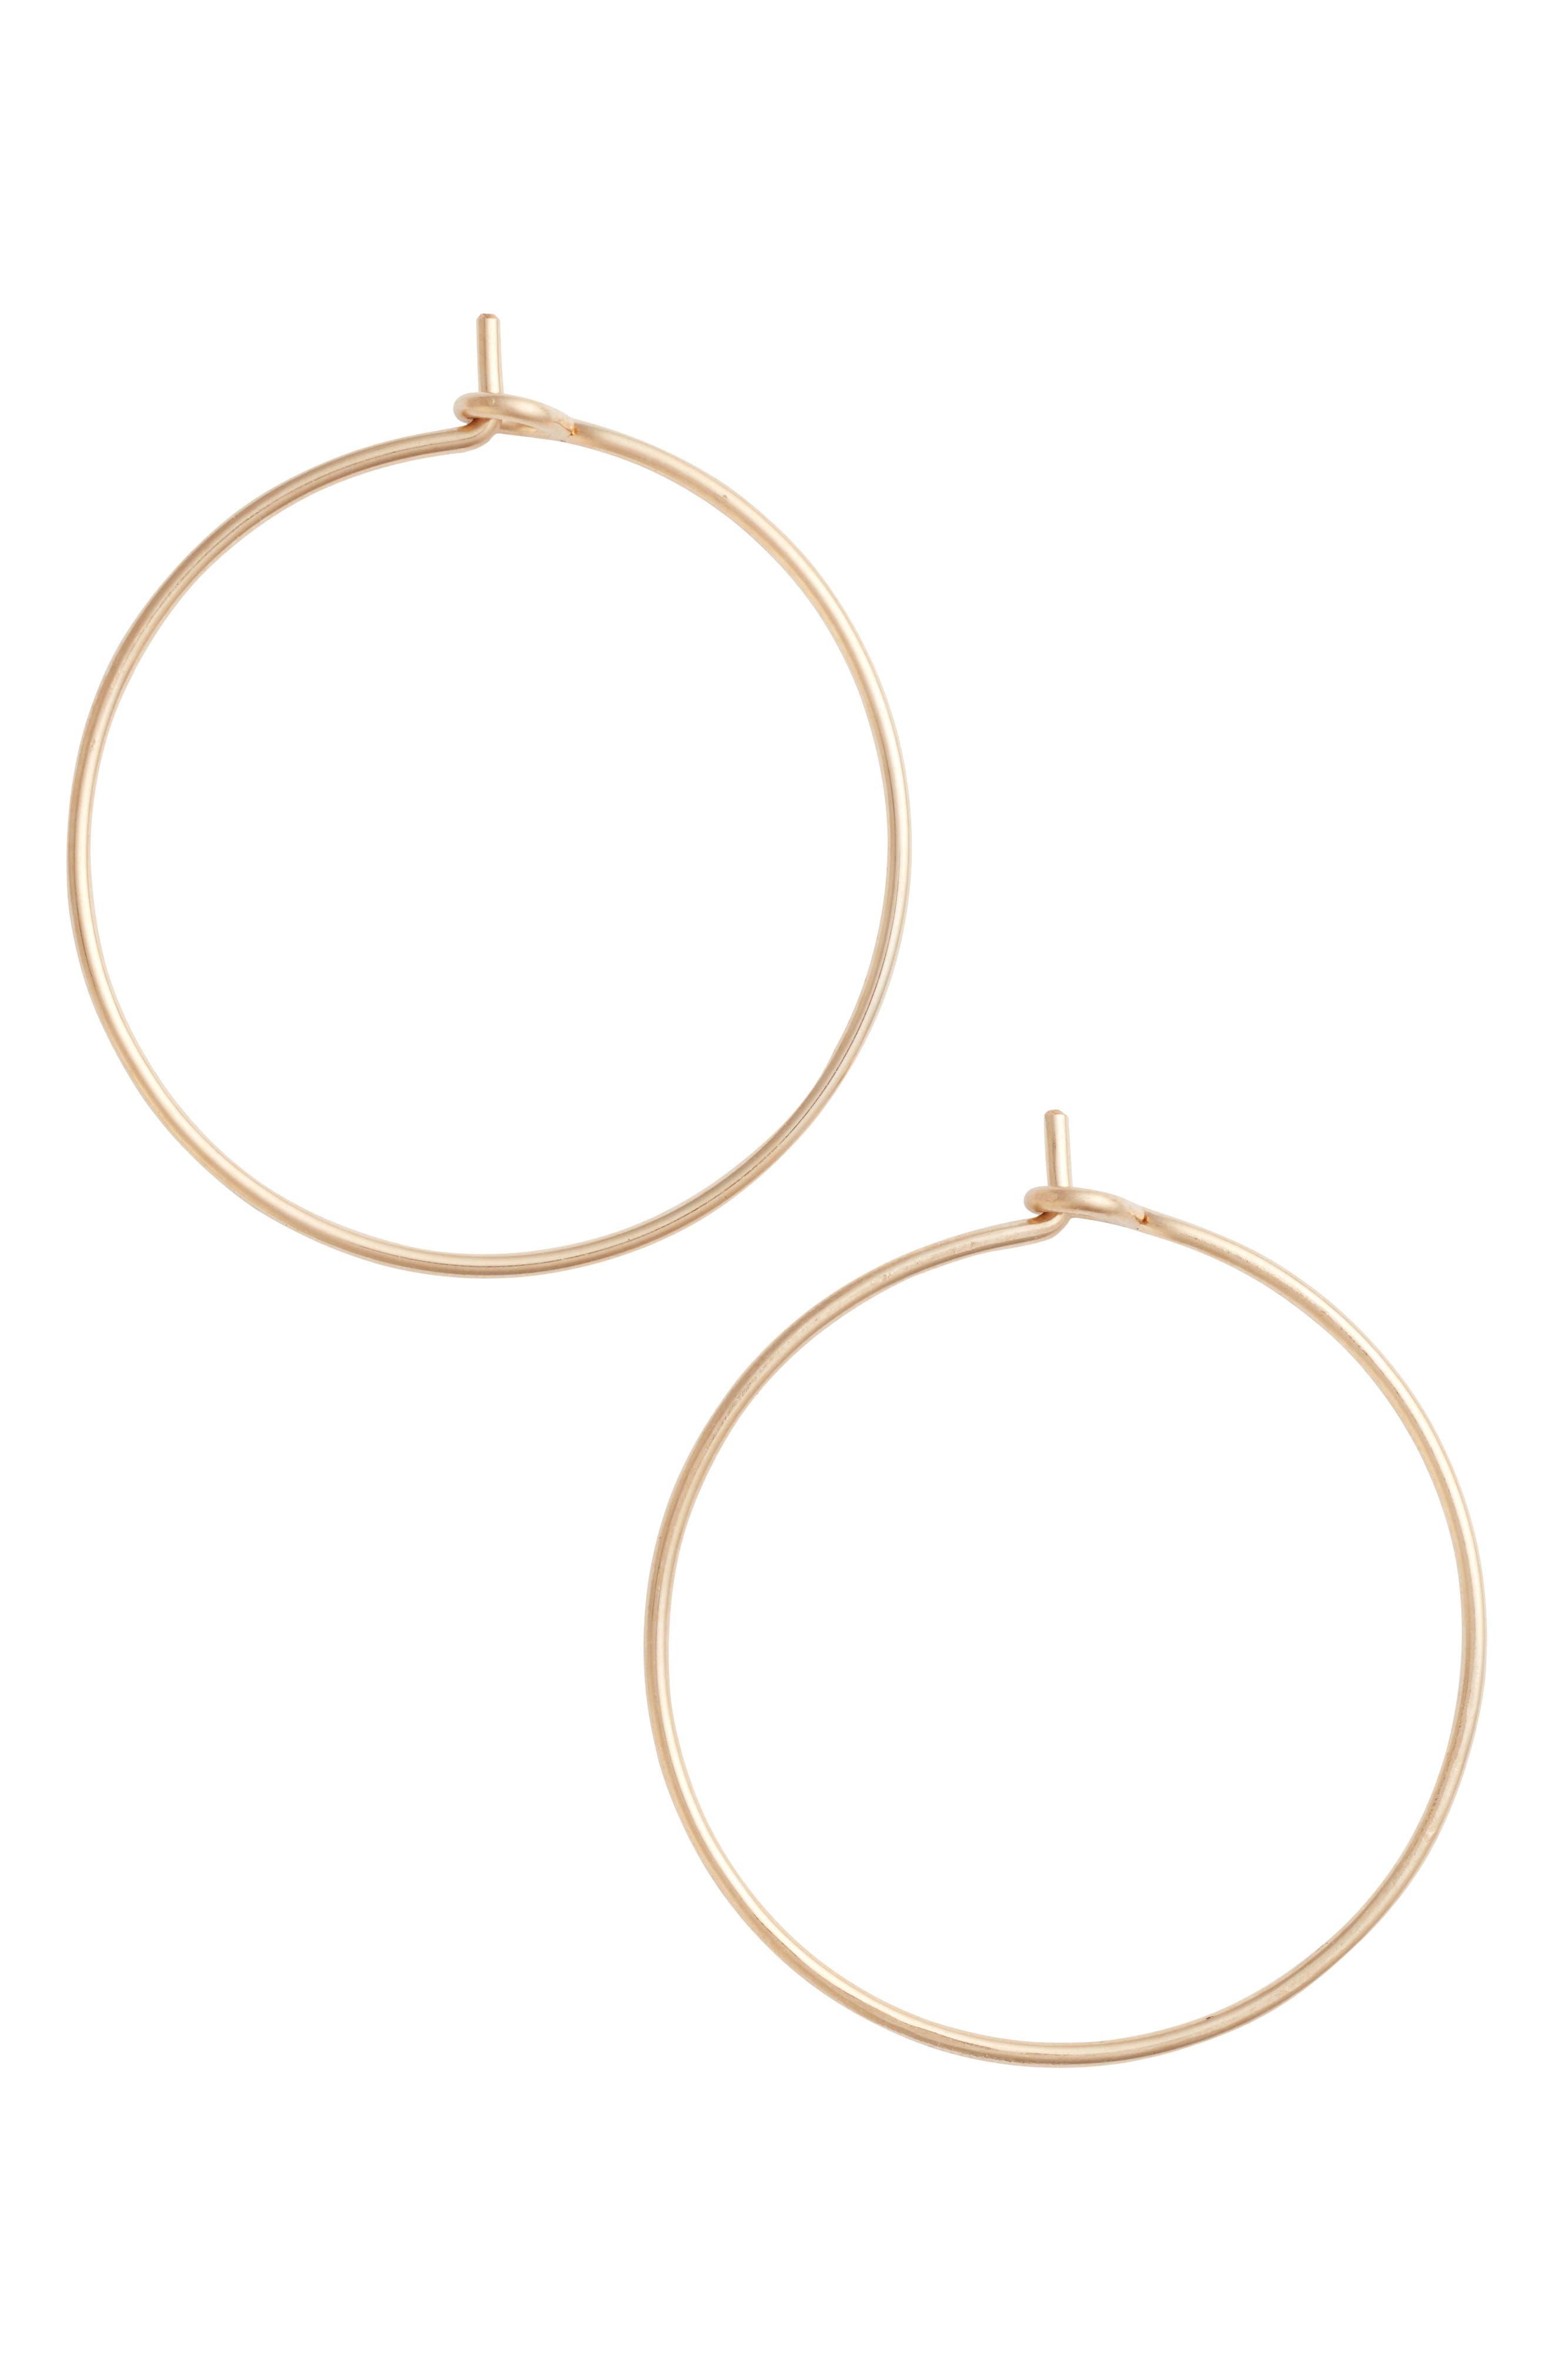 Medium Pure Hoop Earrings,                         Main,                         color, Gold